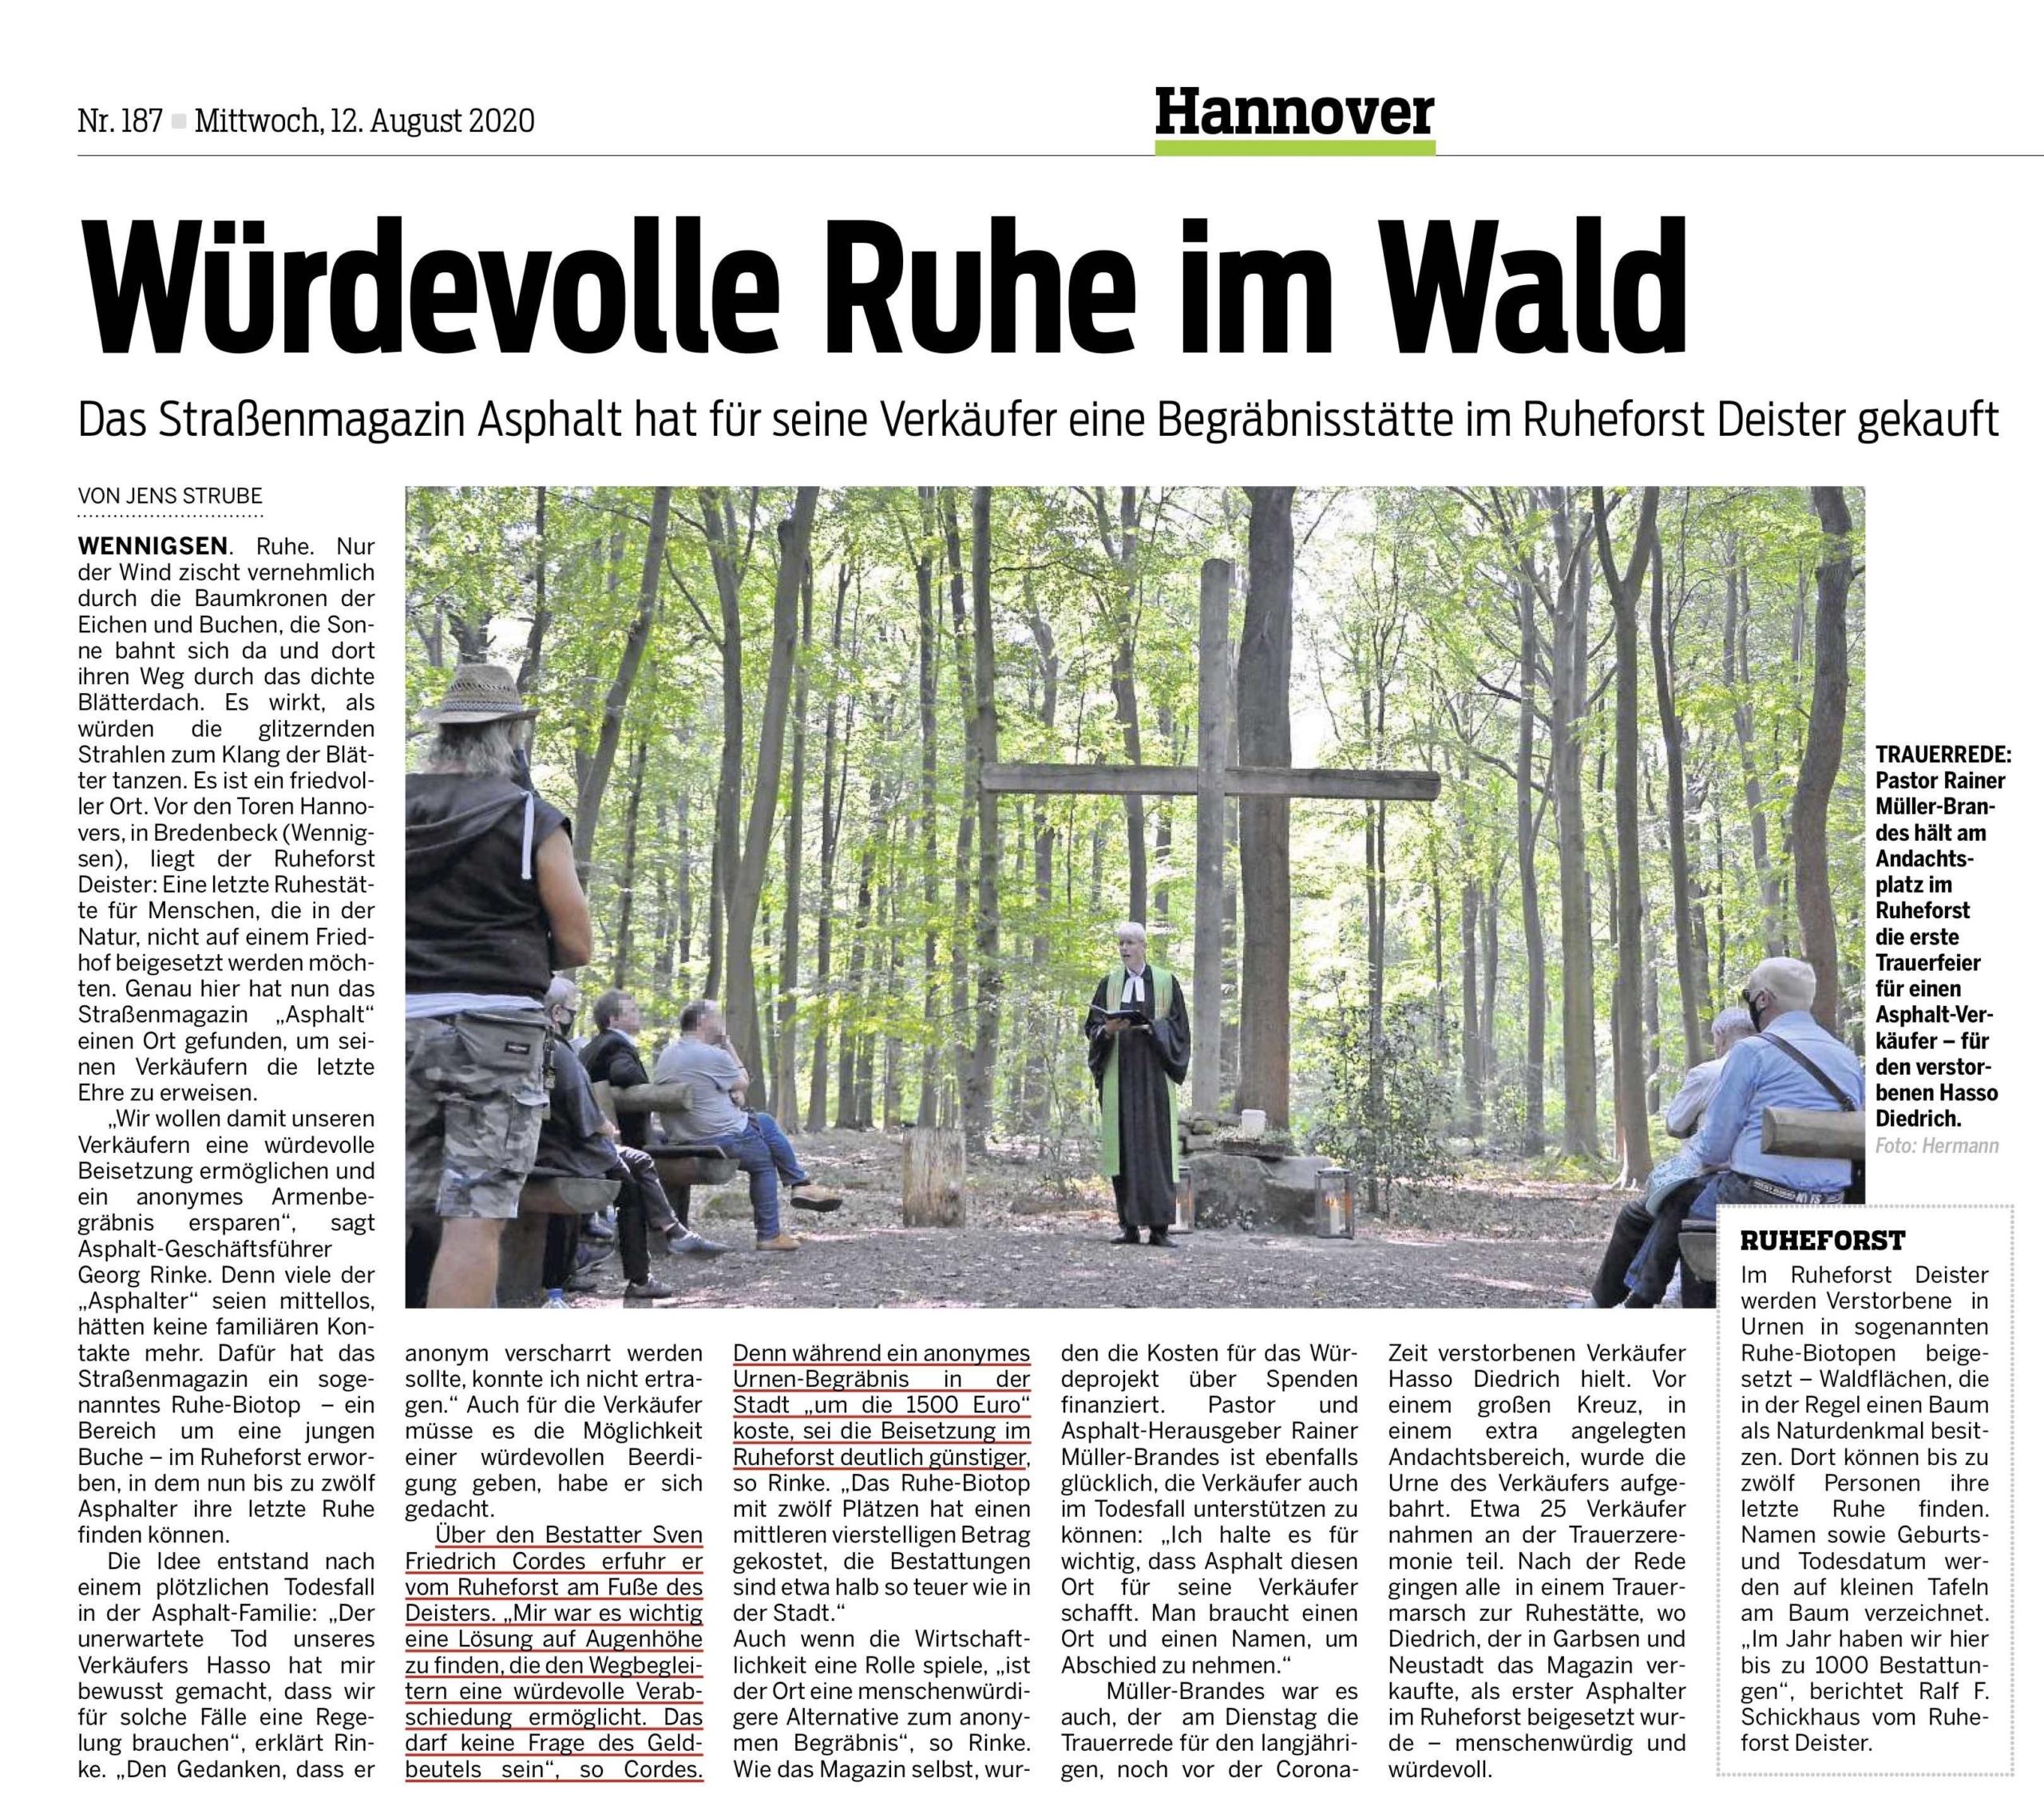 Cordes Bestattungen Hannover sorgt für würdevolle Beerdigung